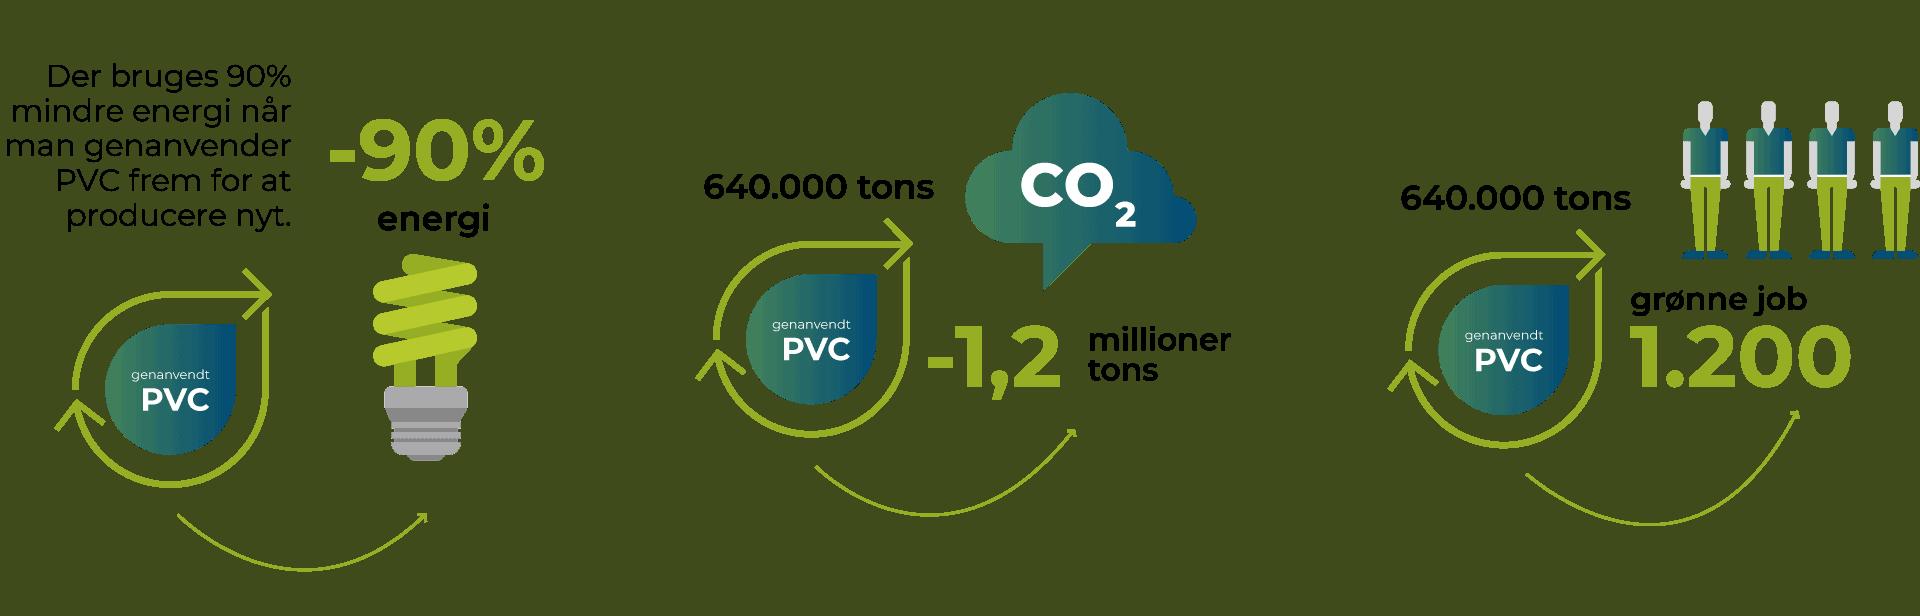 PVC co2 miljø energi genanvendelse